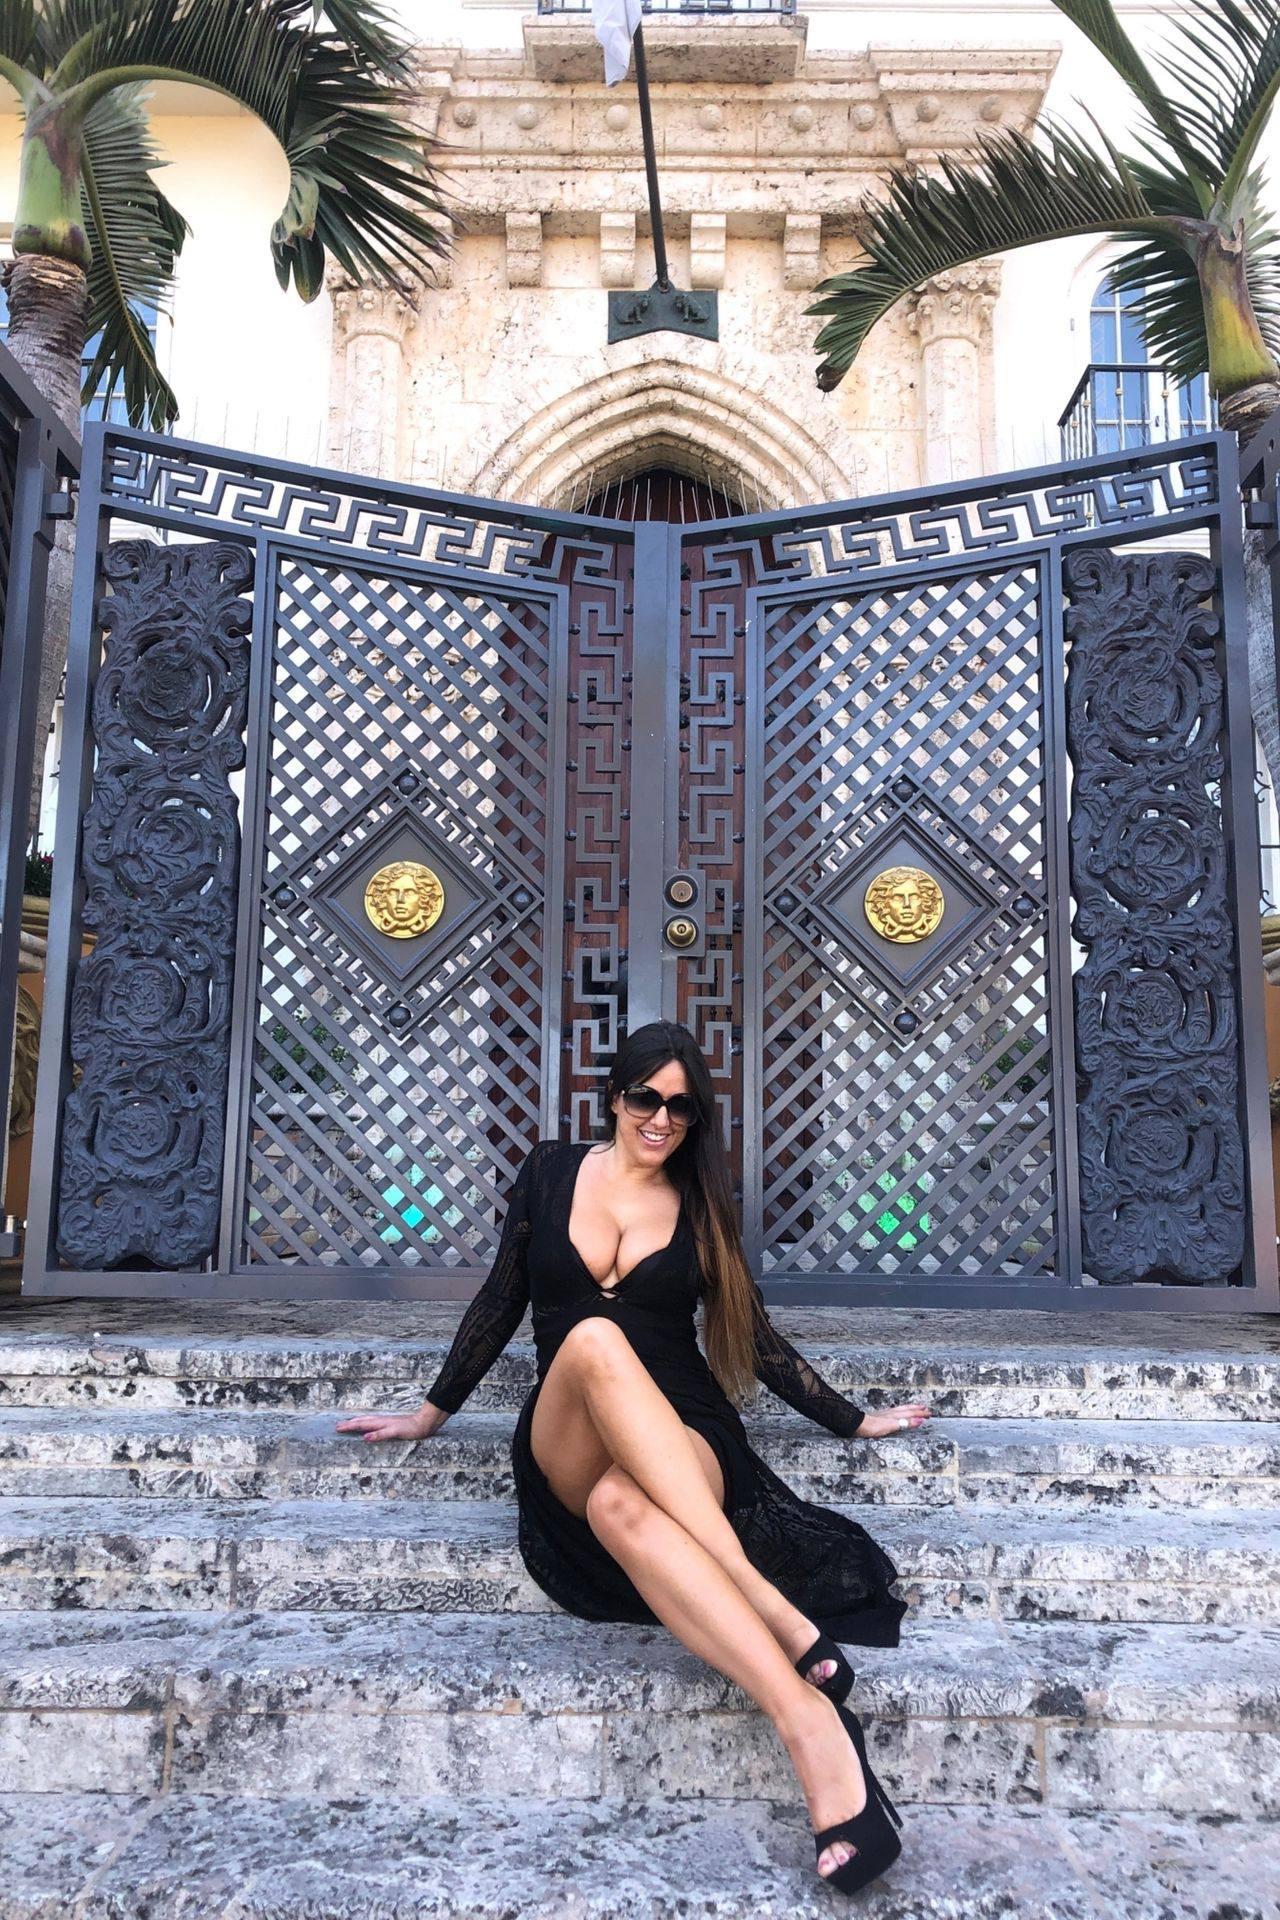 Claudia Romani – Sexy Legs And Big Boobs In Beautiful Black Dress 0016